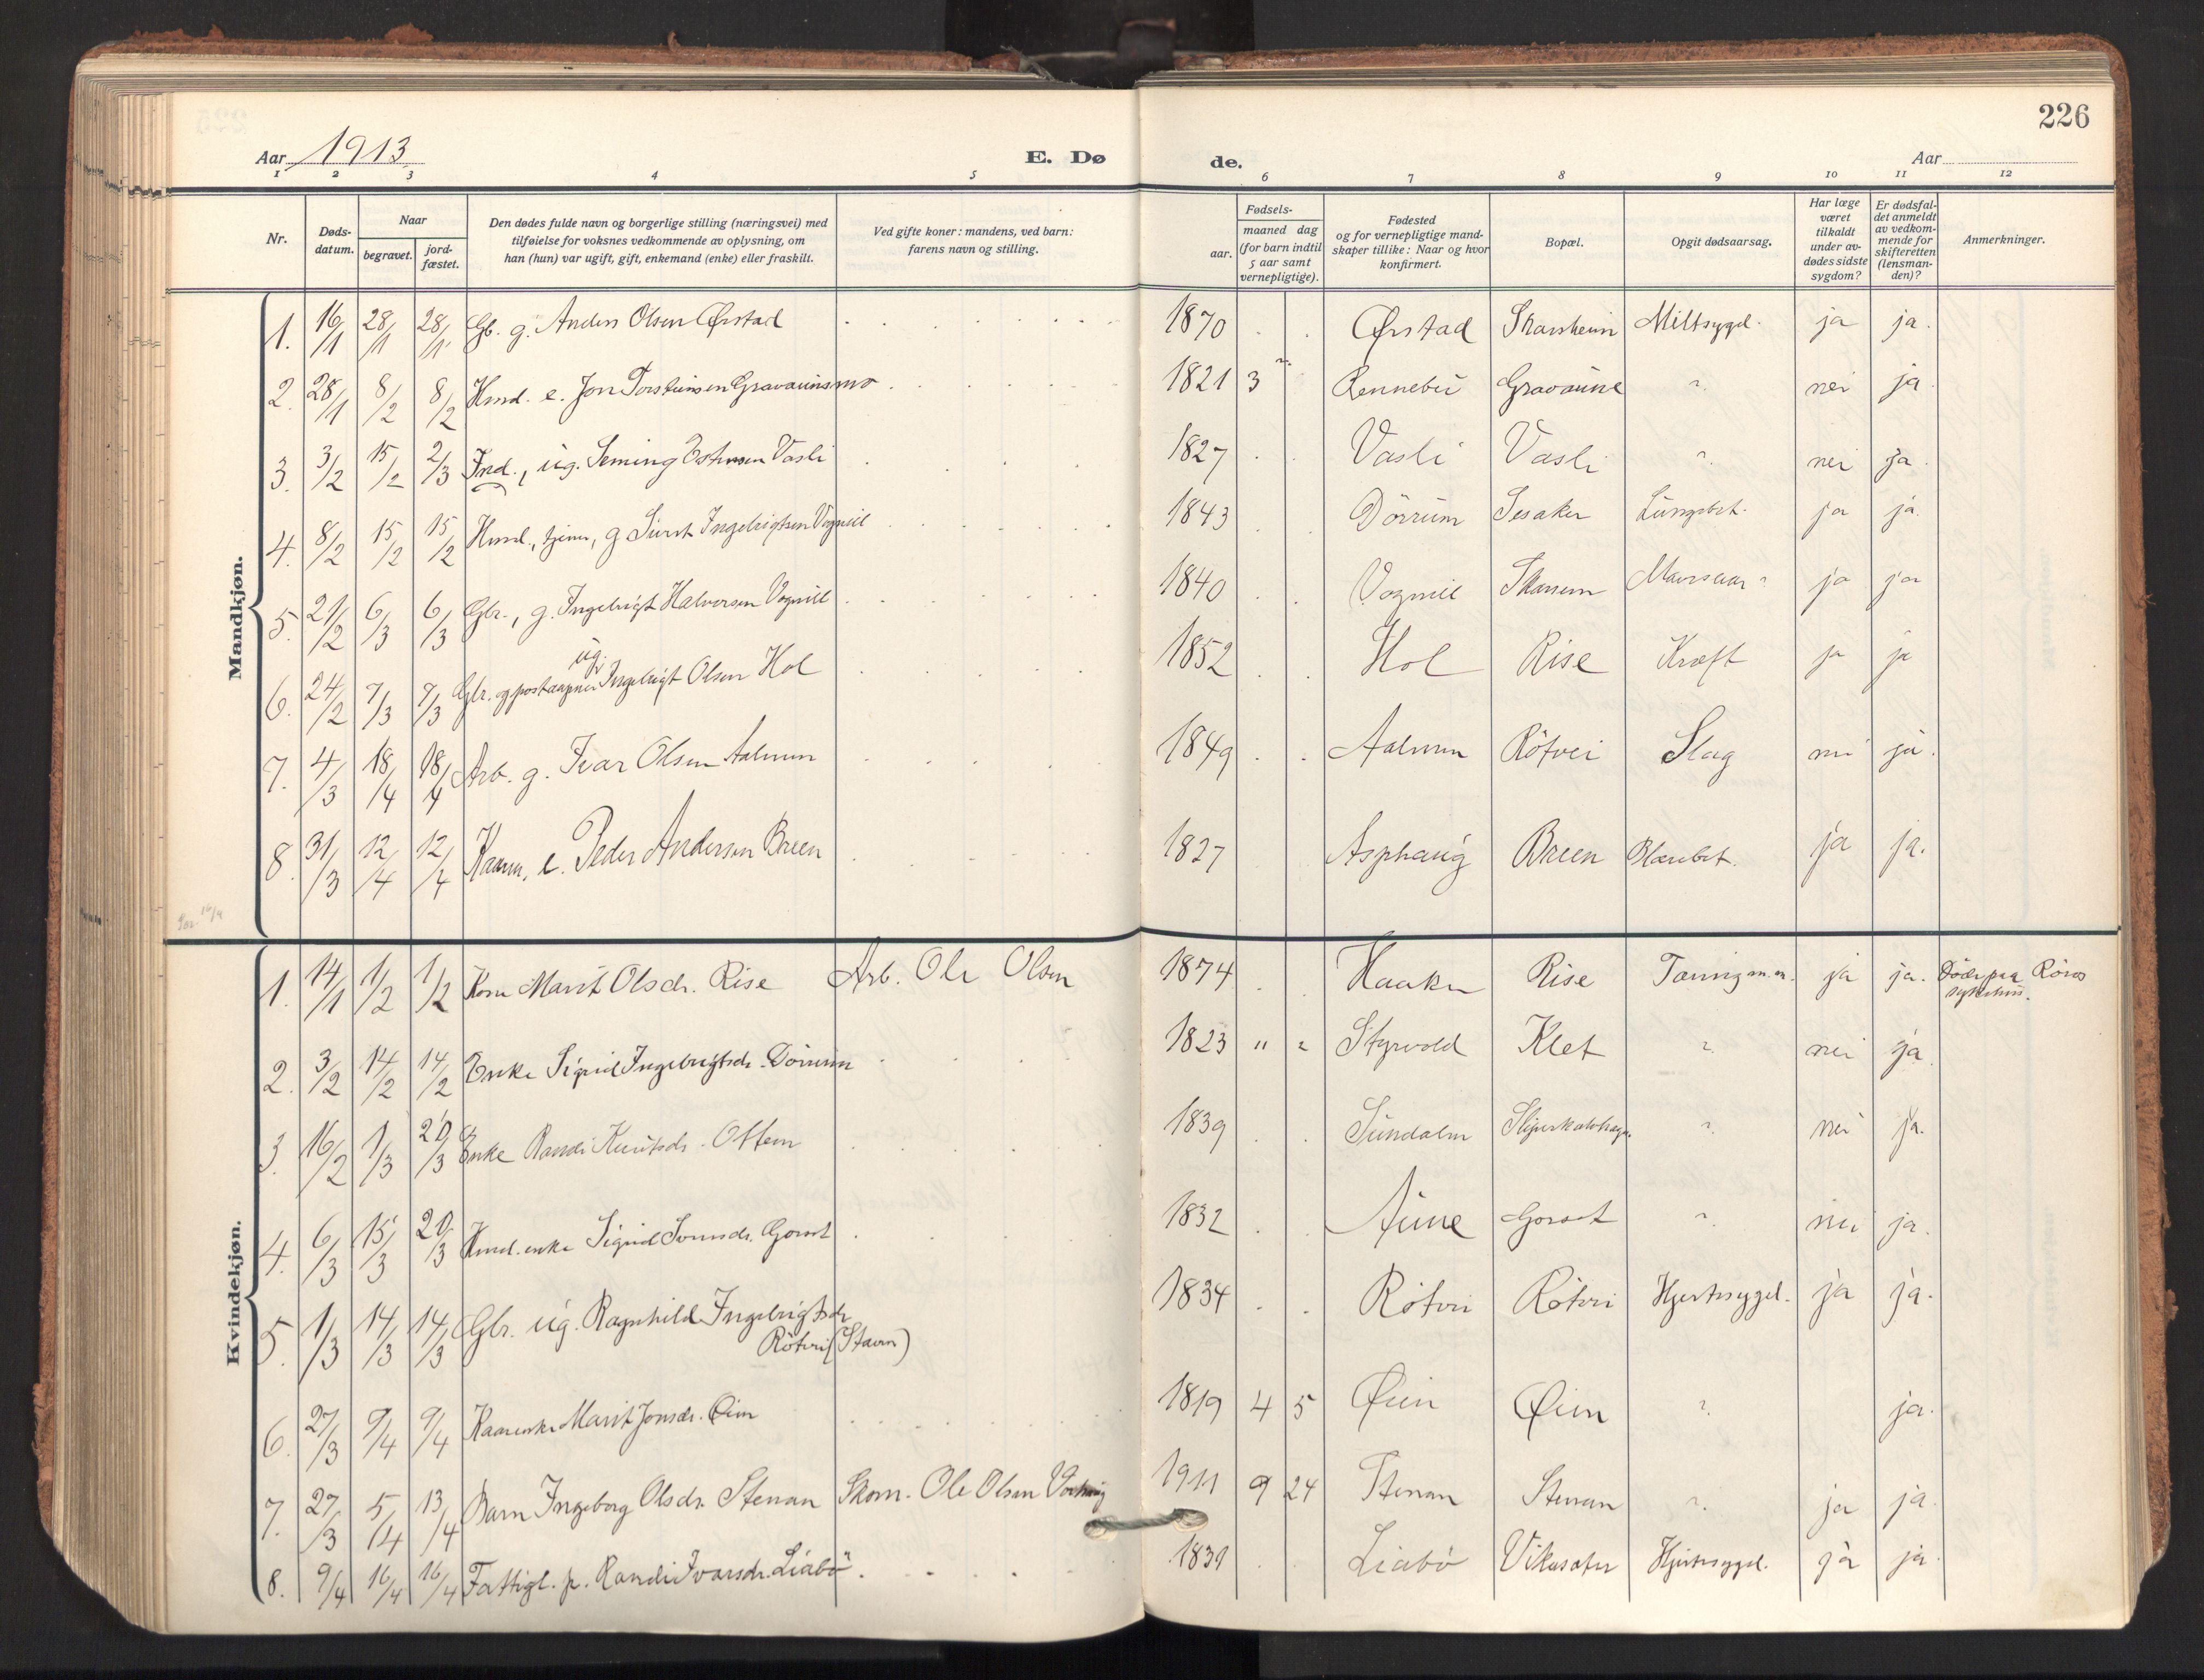 SAT, Ministerialprotokoller, klokkerbøker og fødselsregistre - Sør-Trøndelag, 678/L0909: Ministerialbok nr. 678A17, 1912-1930, s. 226